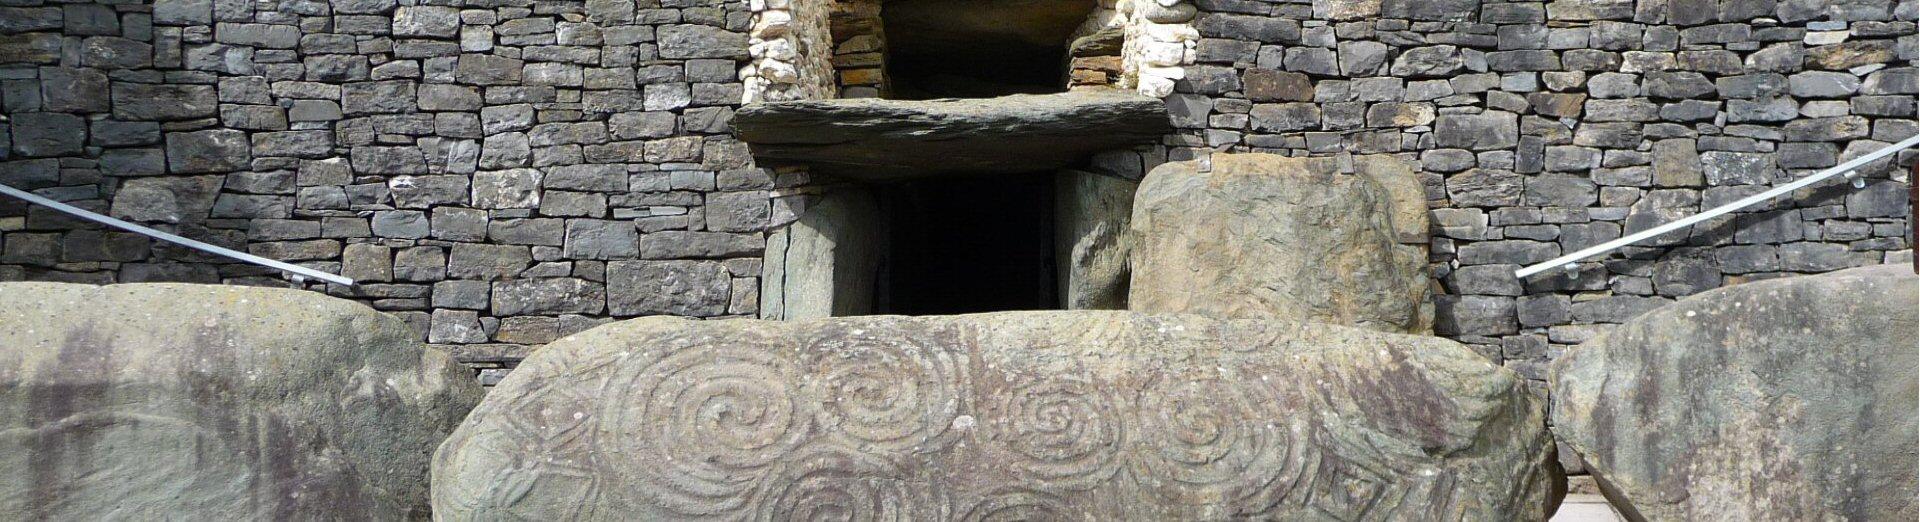 95-archeoastronomia e preistoria